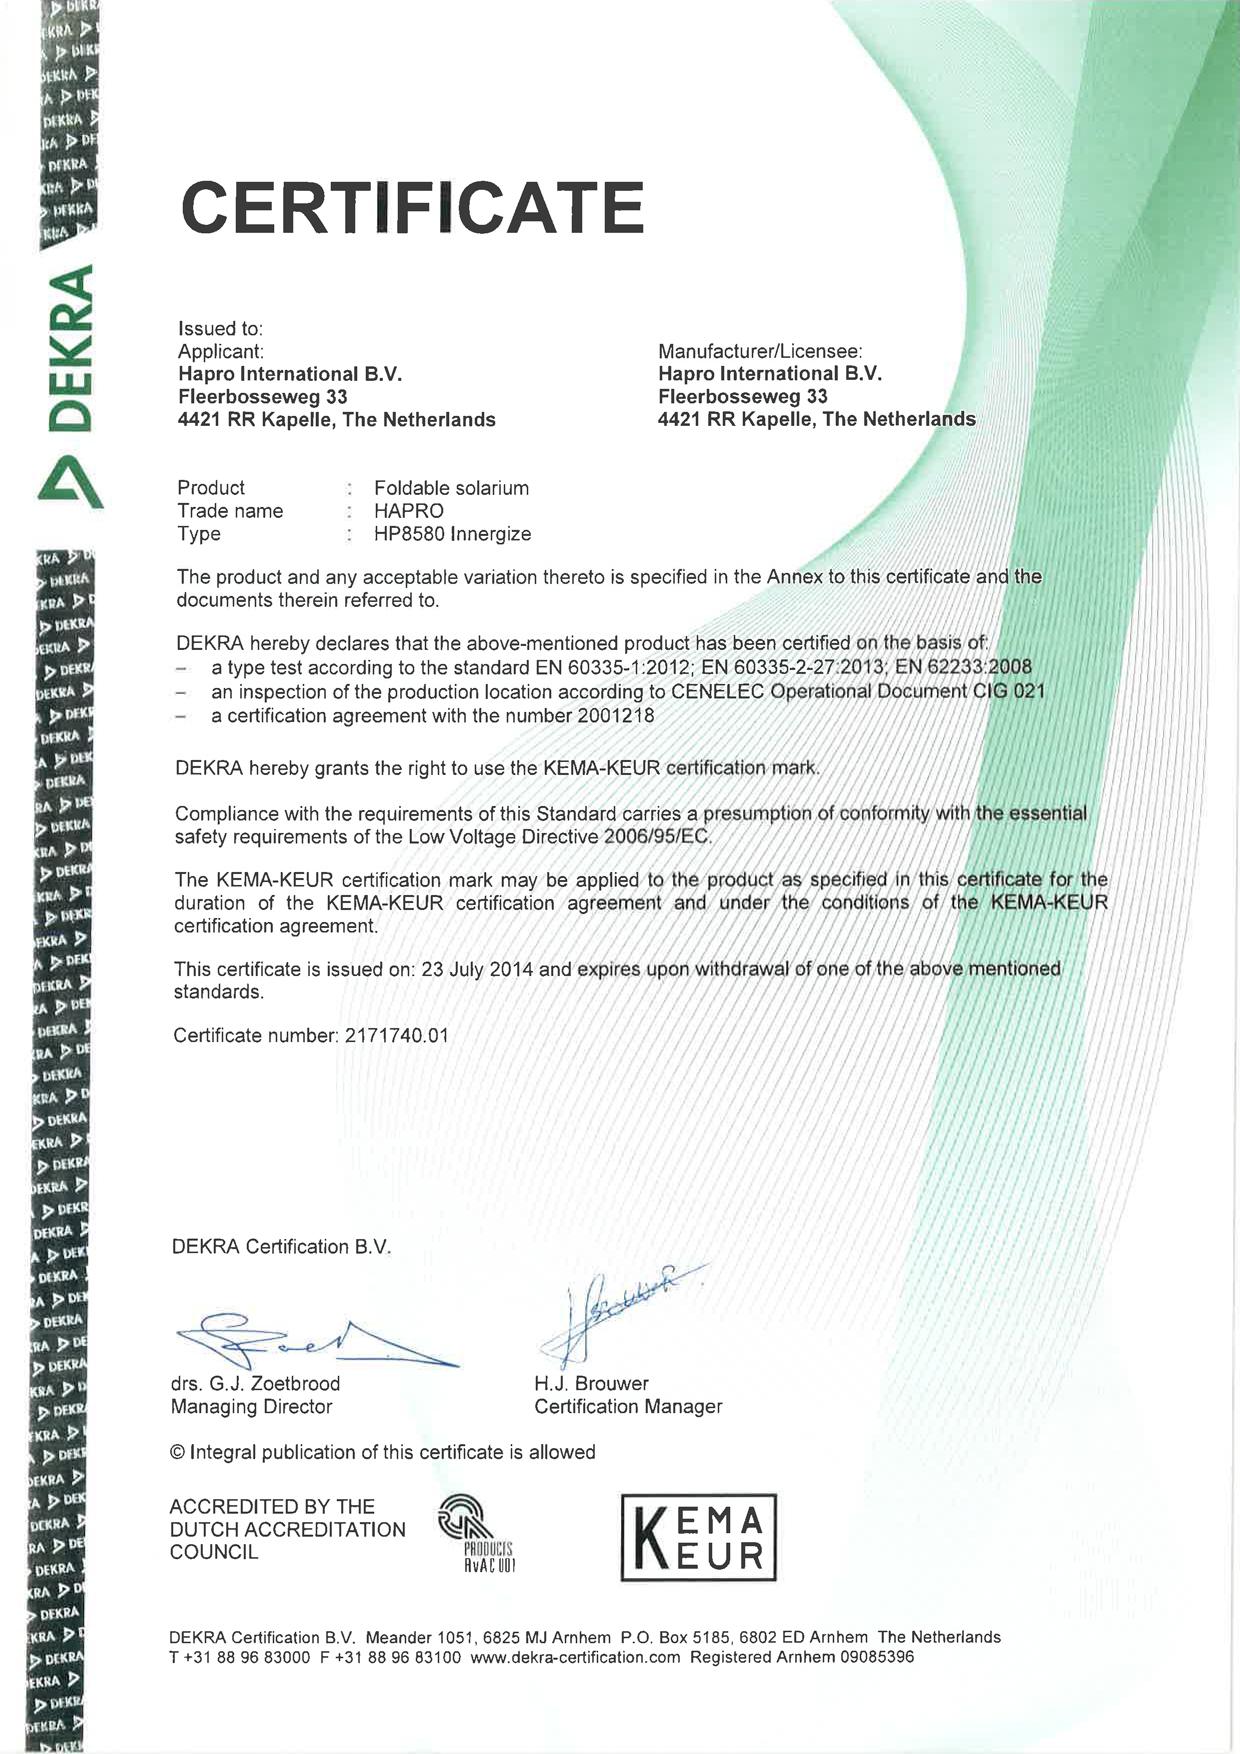 innergize-hp-8580-certificateofcompliancesmall.jpg